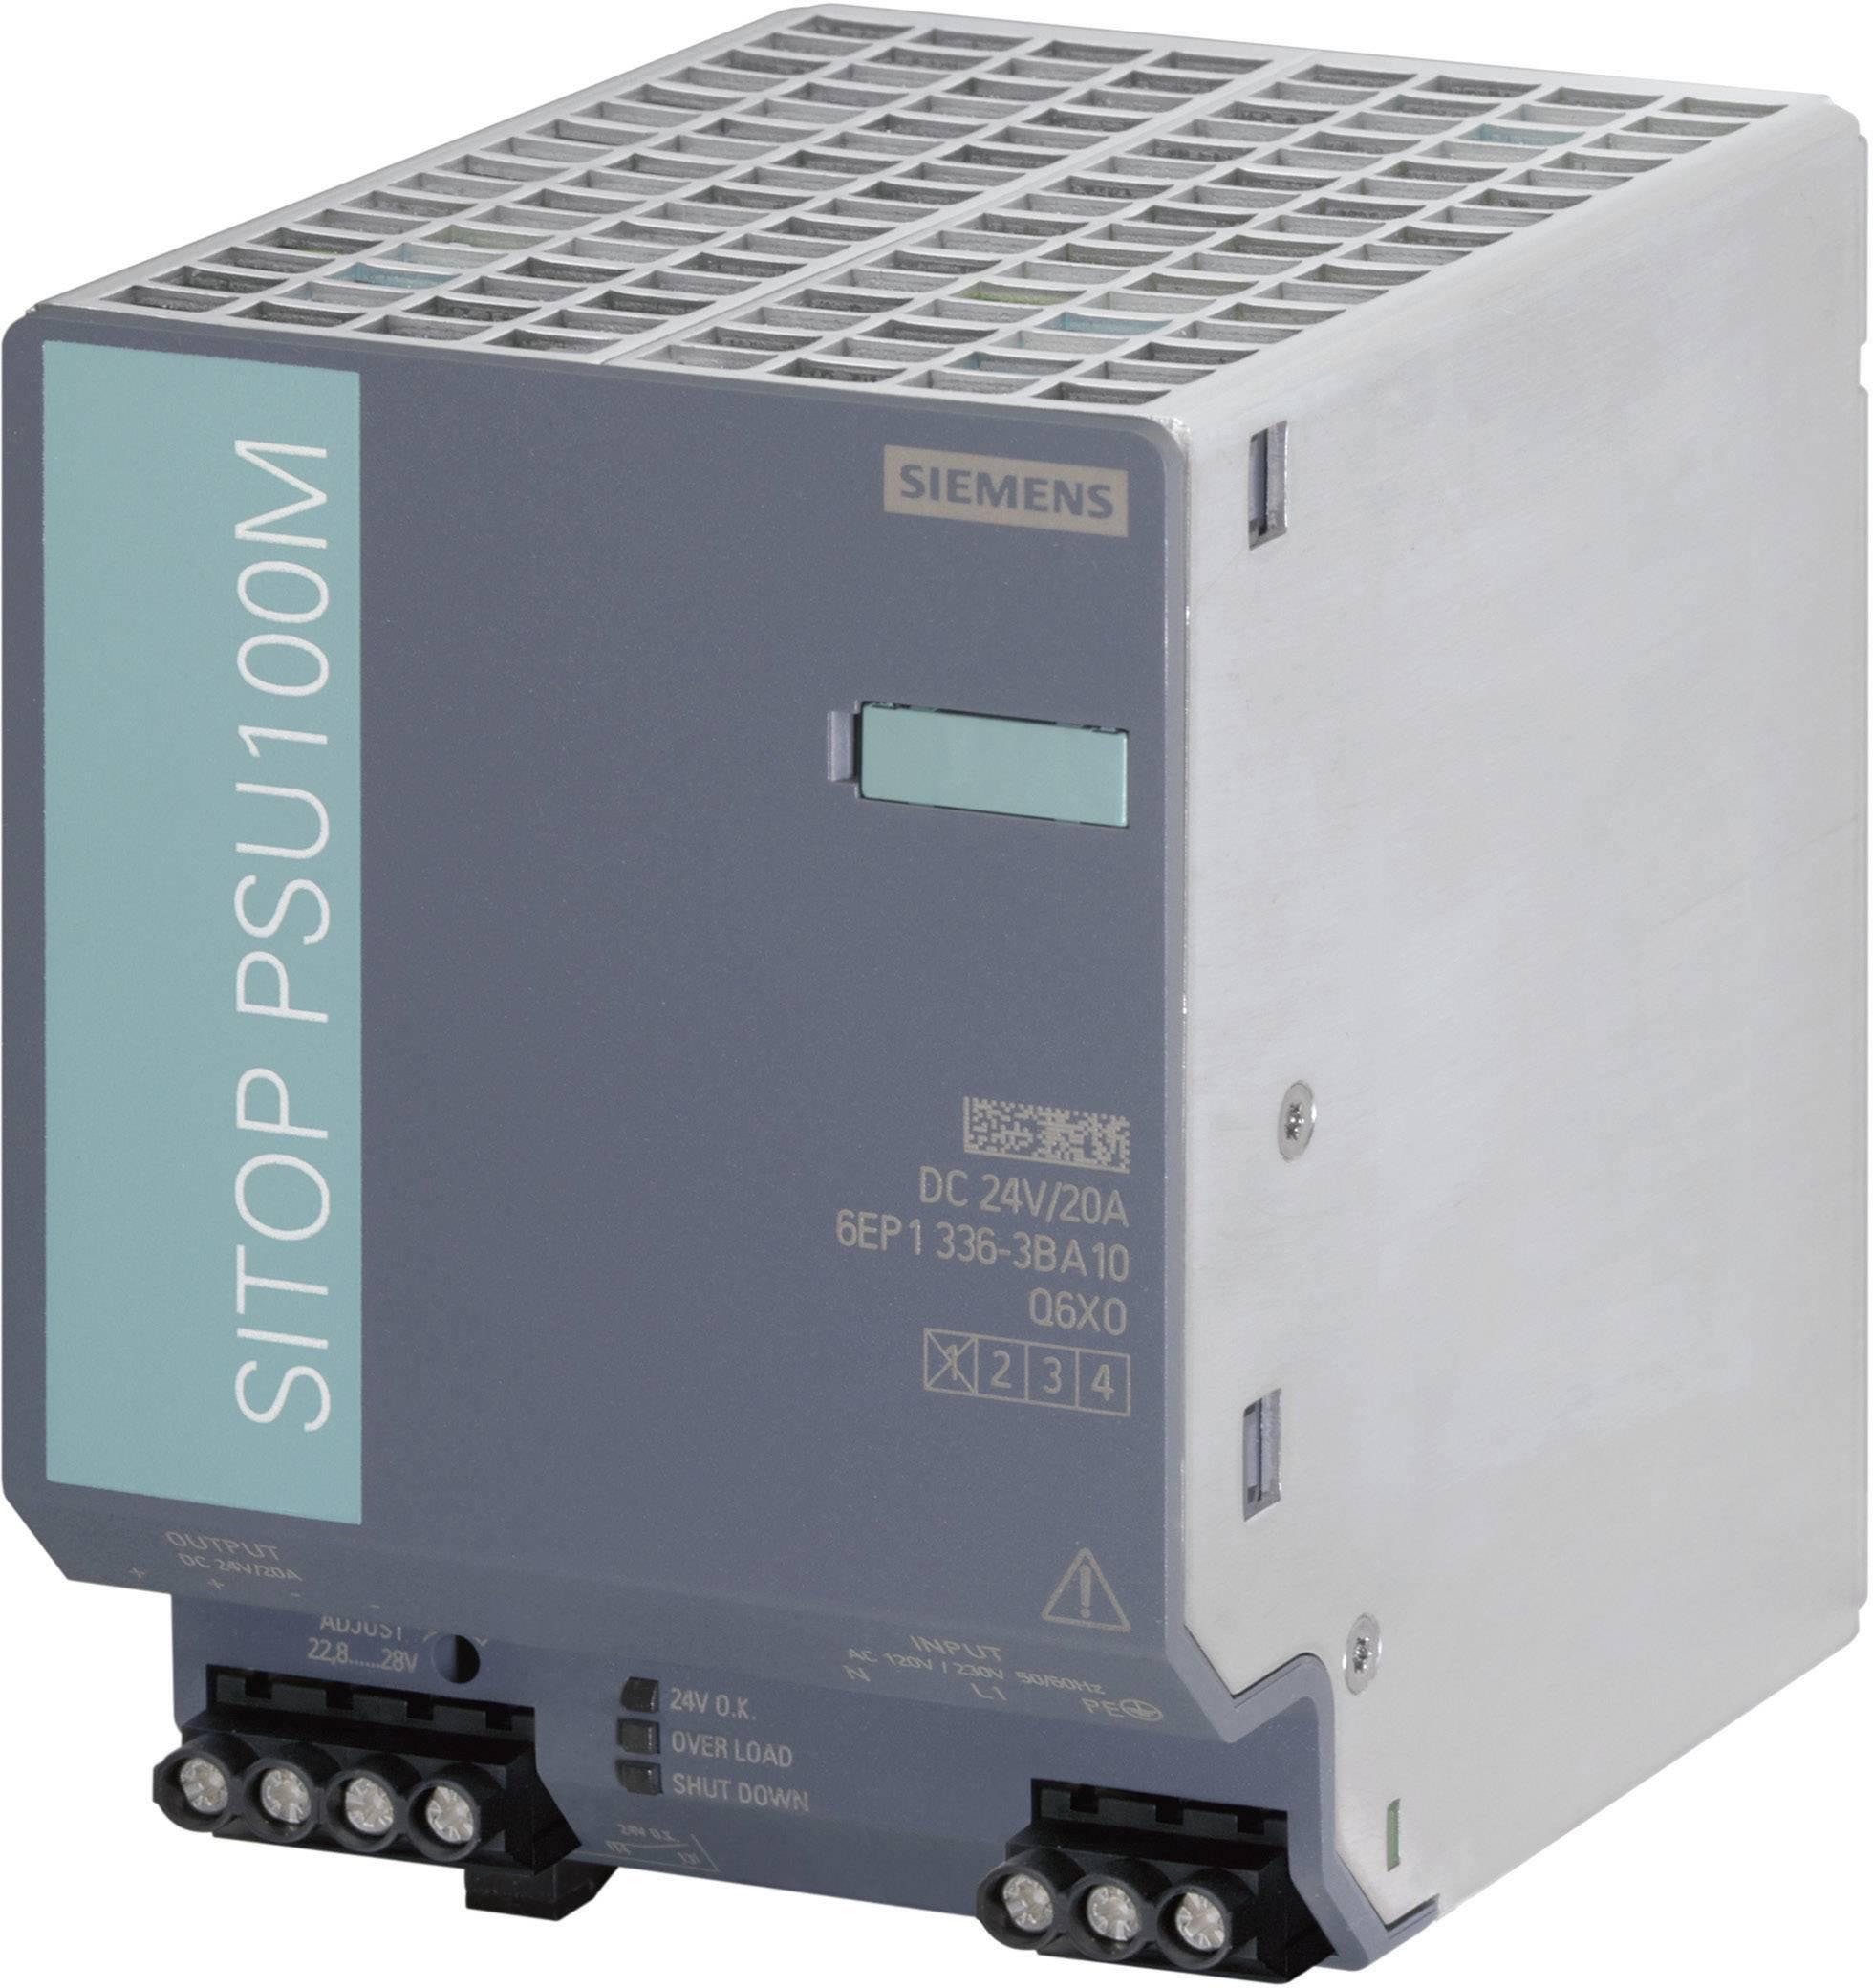 Zdroj na DIN lištu Siemens SITOP PSU100M, 24 V/DC, 20 A